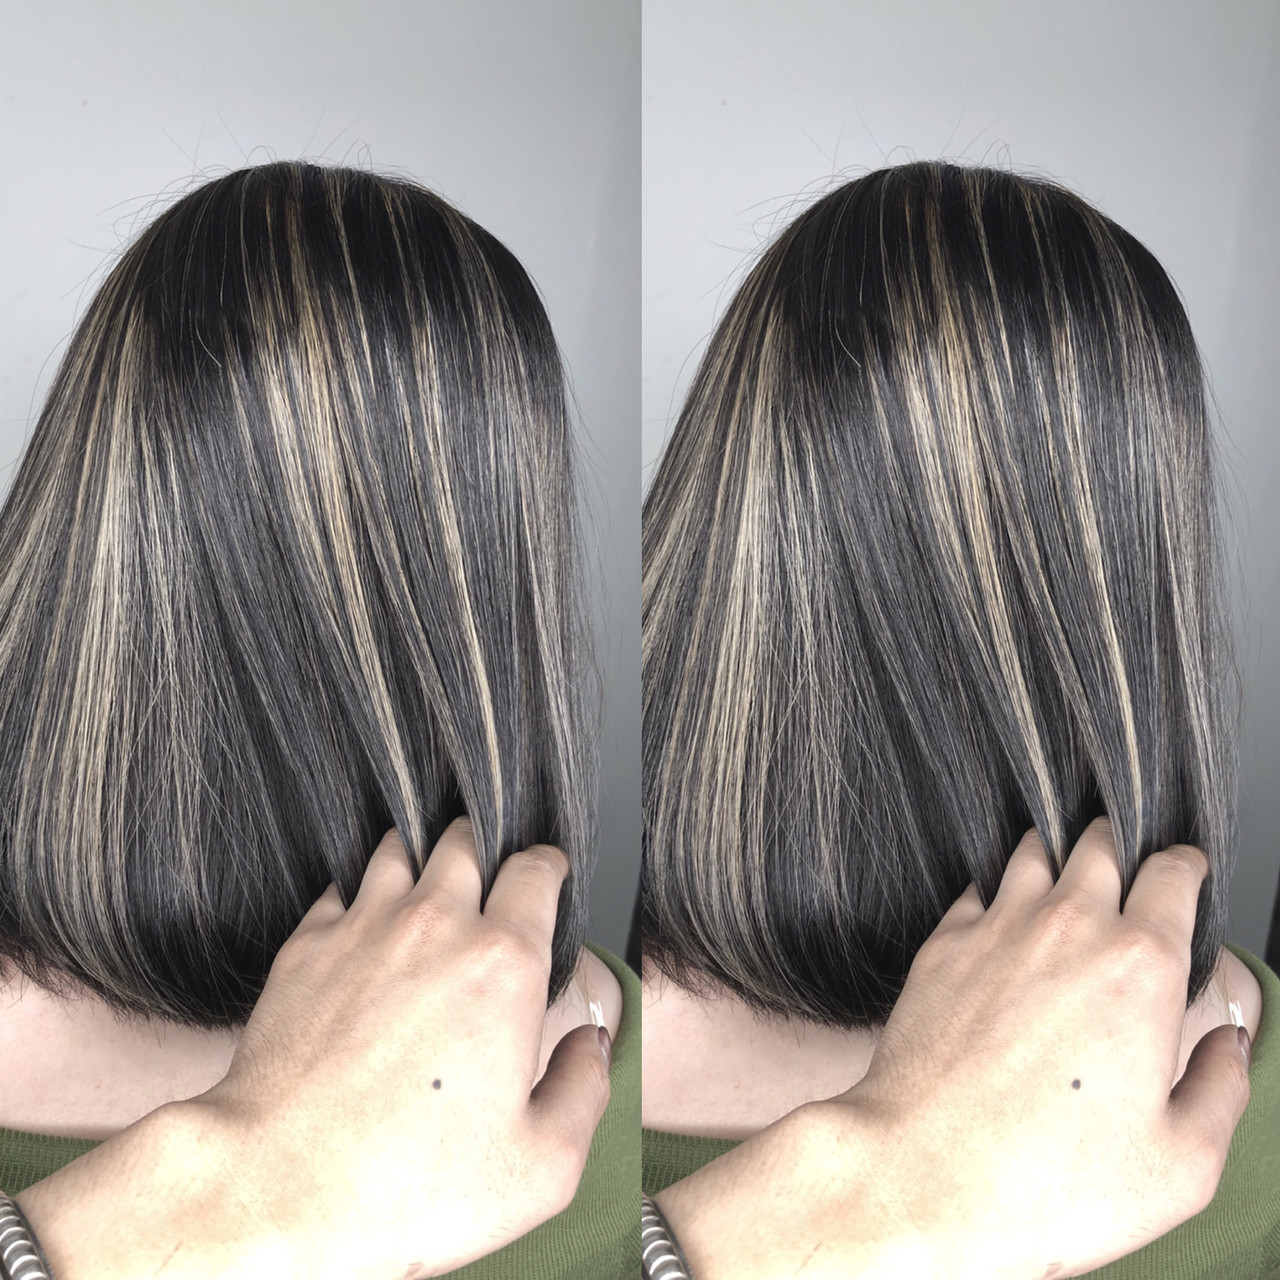 立体感が出るボブのグレージュハイライト 筒井 隆由Hair salon mode